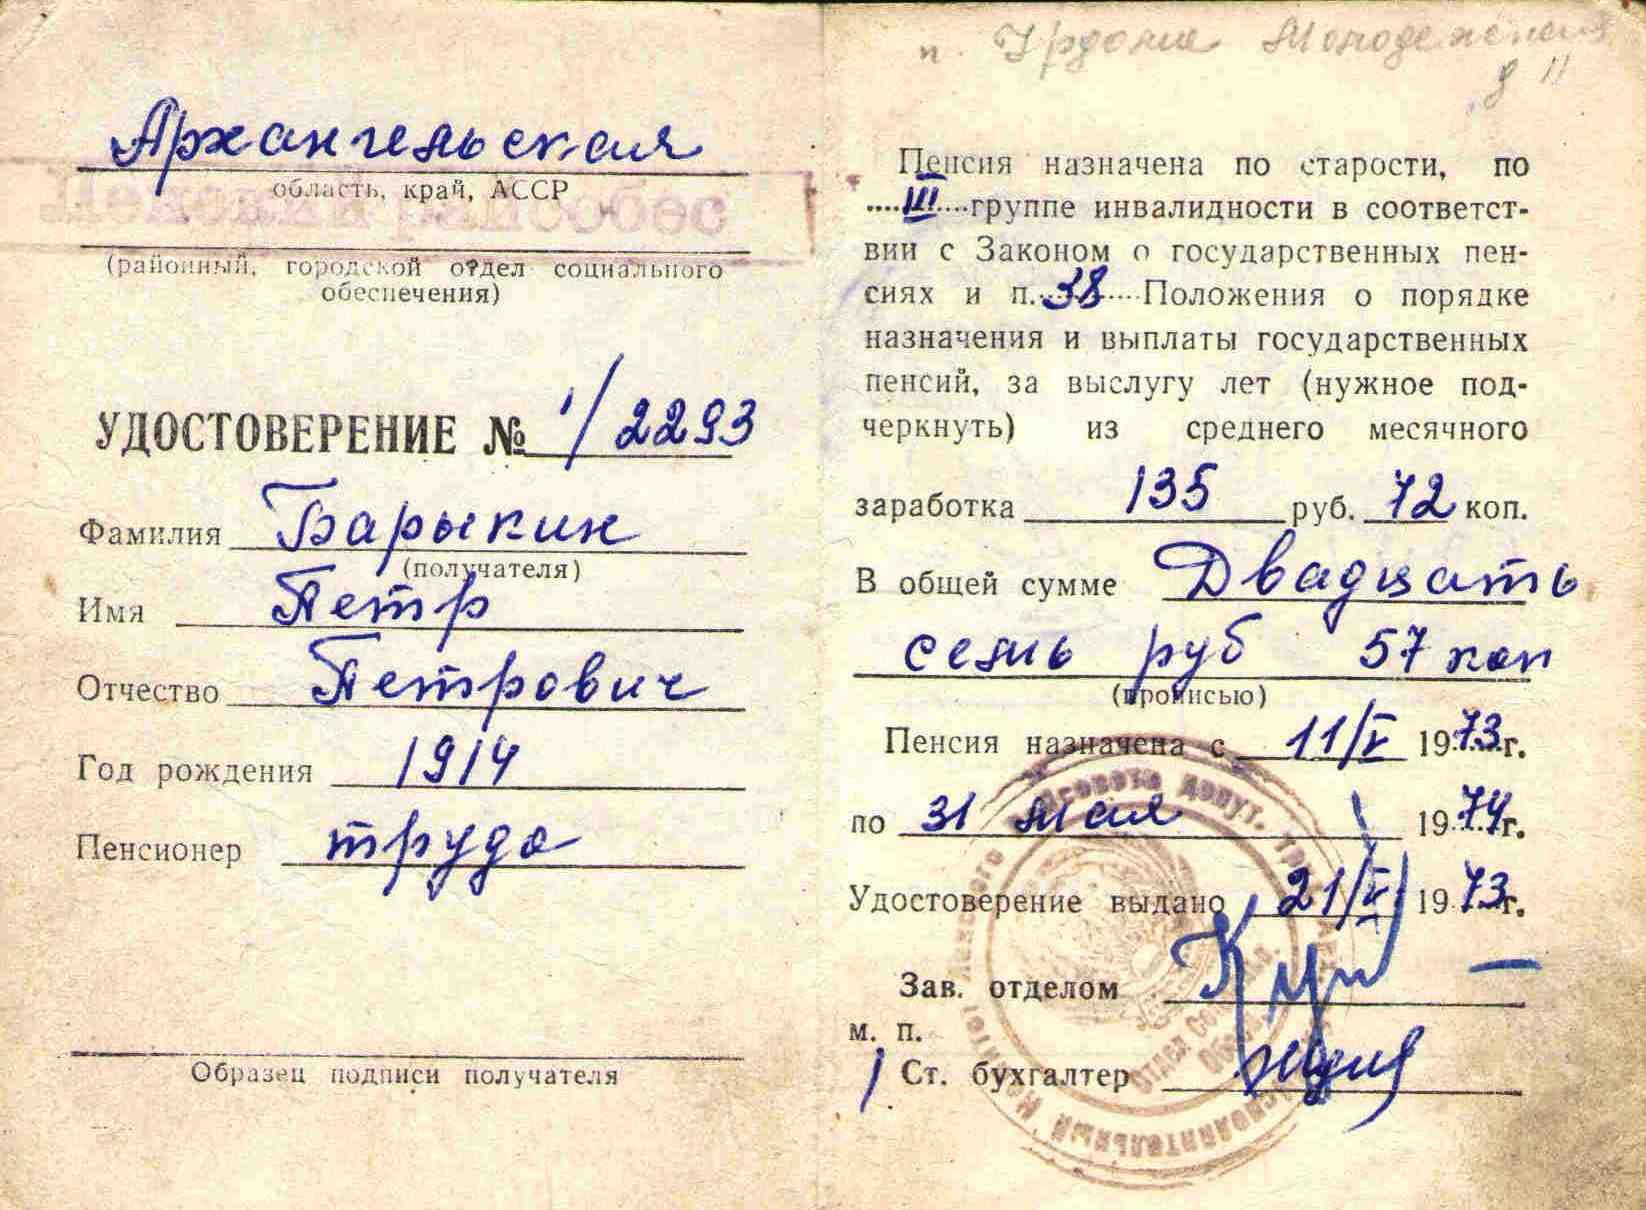 62. Пенсионное удостоверение, Барыкин ПП, 1973